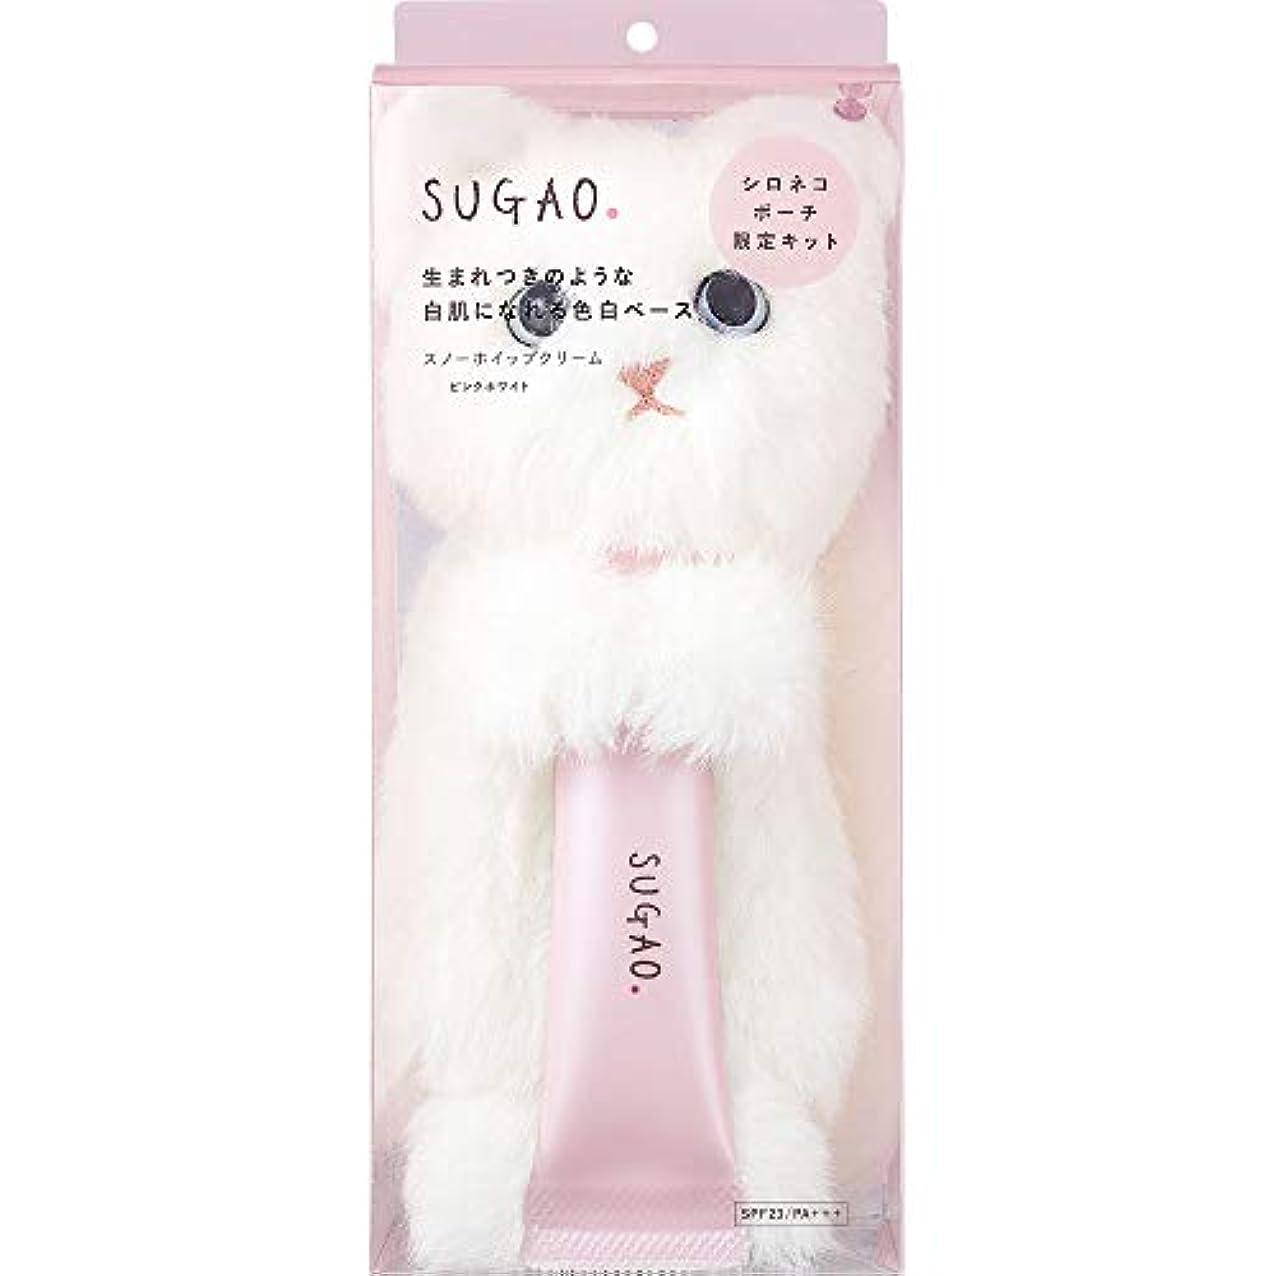 ラテン温室効率スガオ (SUGAO) 化粧下地 スノーホイップクリーム シロネコポーチ付き